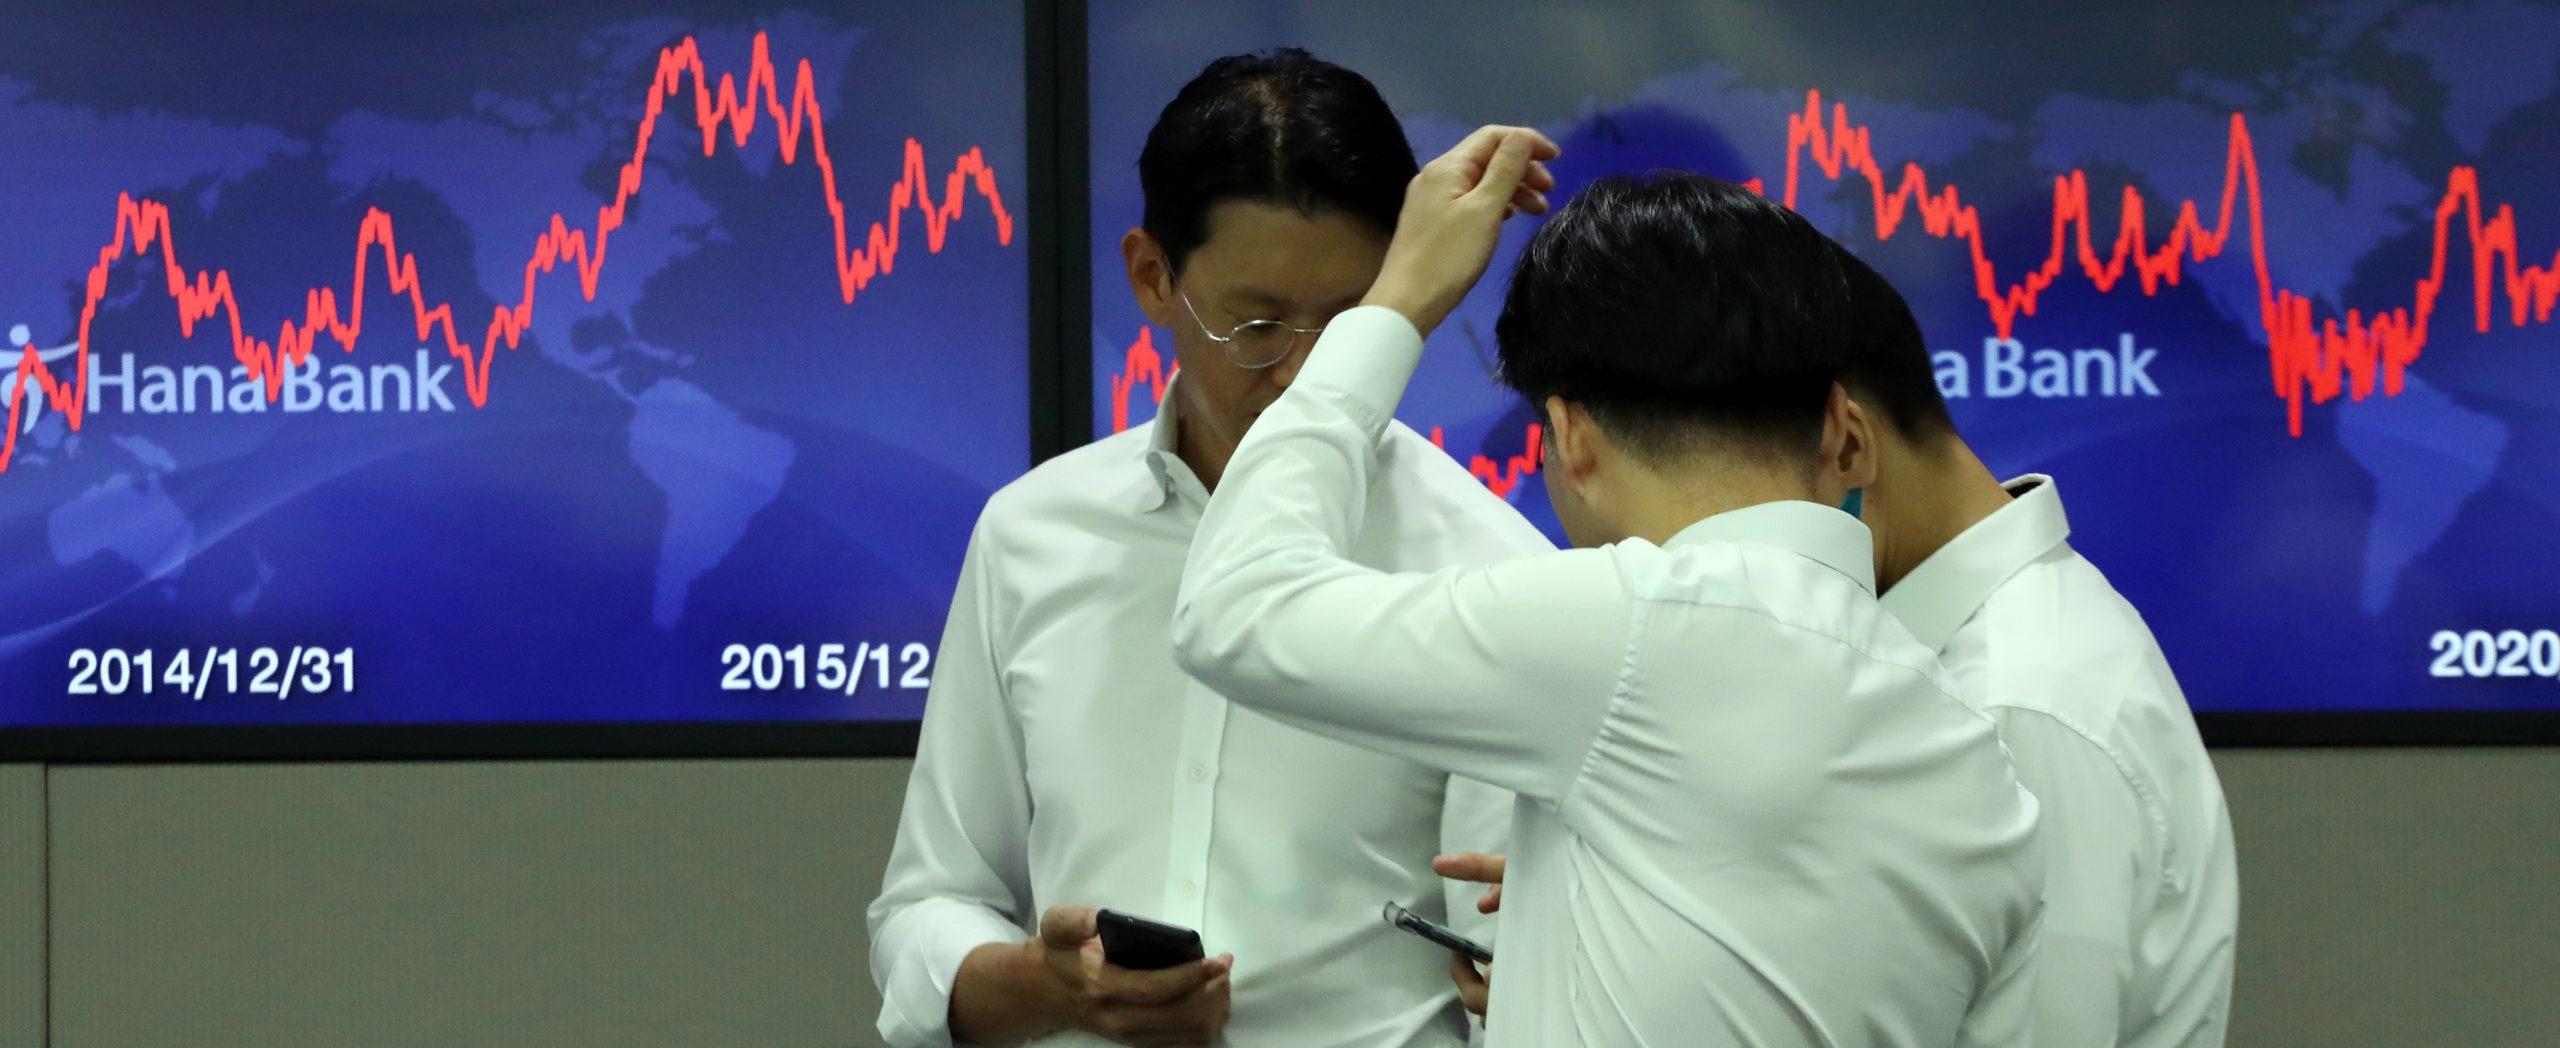 Seoul stocks open sharply higher on new U.S. stimulus hopes